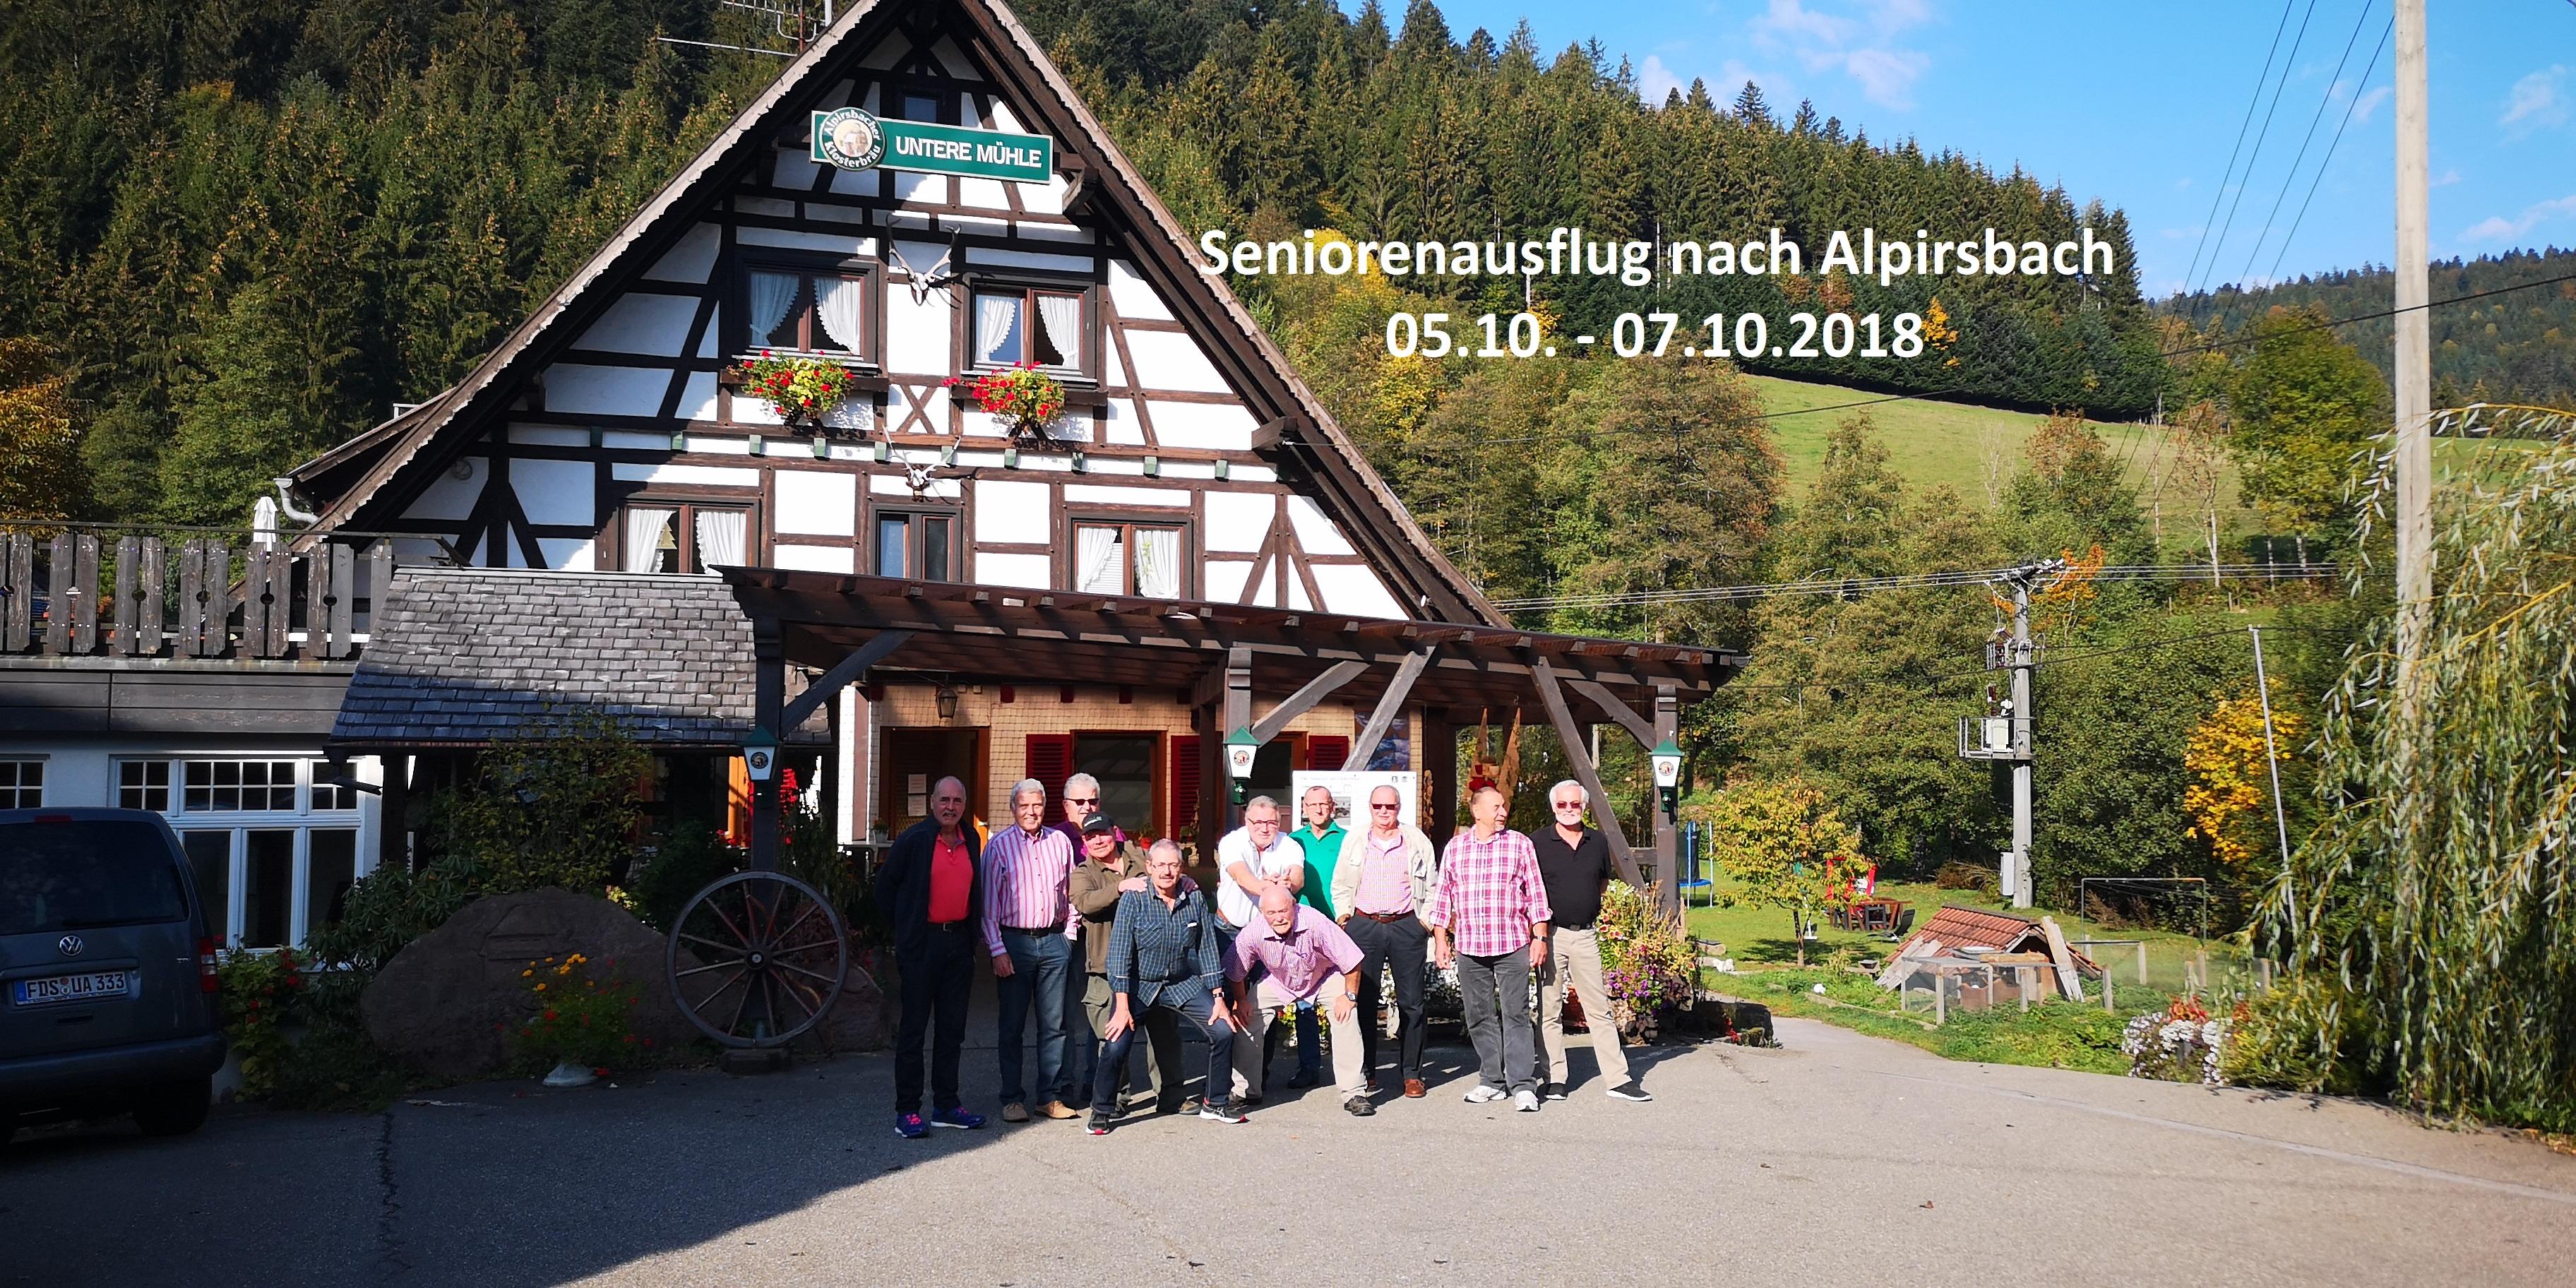 Ausflug-Alpirsbach-2018.jpg